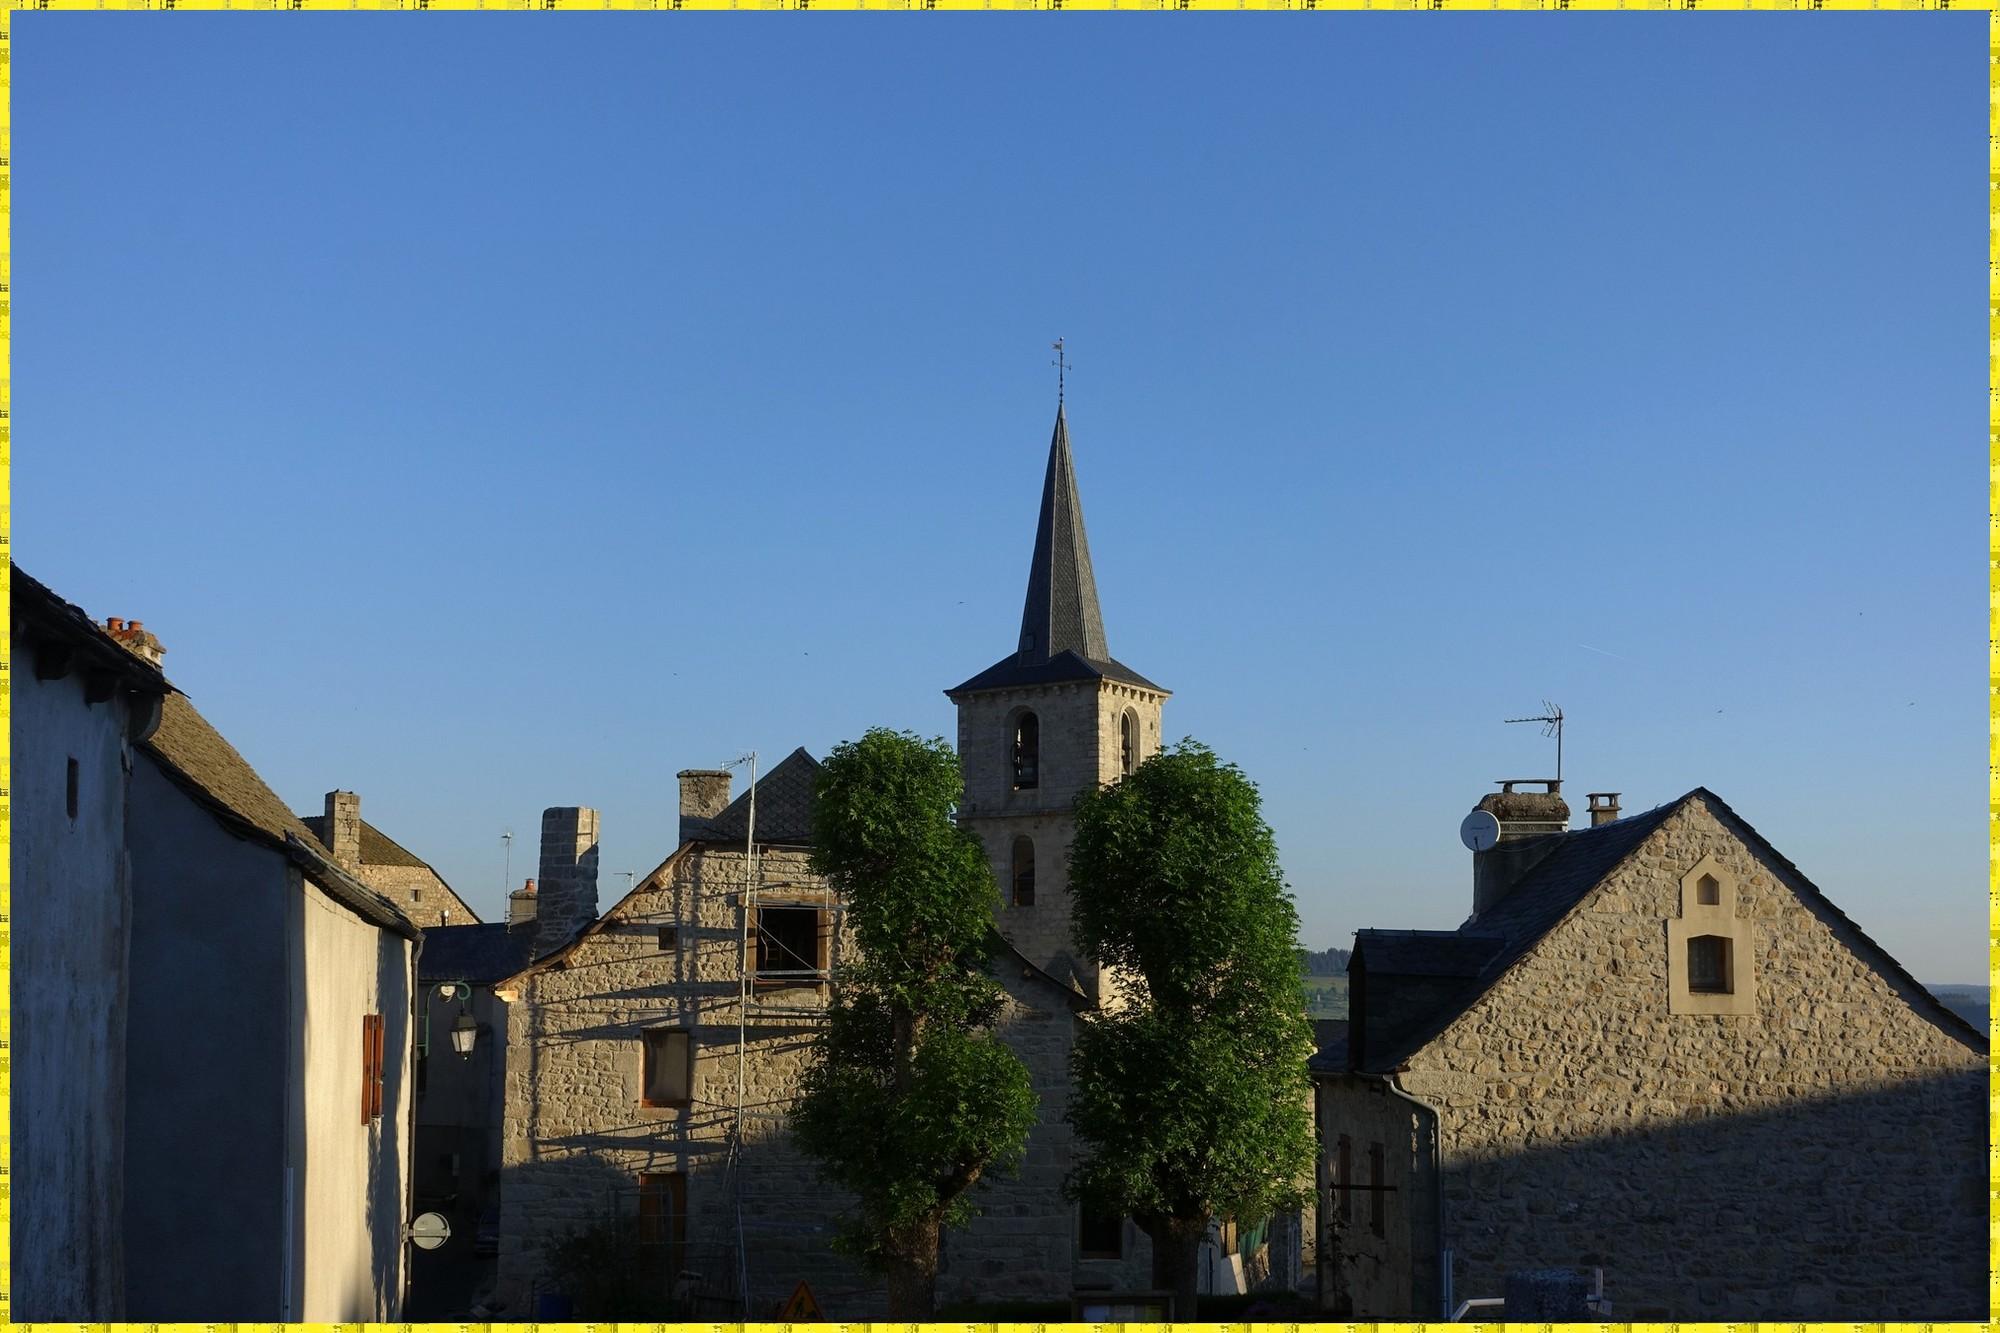 L'église d'Aumont-Aubrac peu après le lever du jour